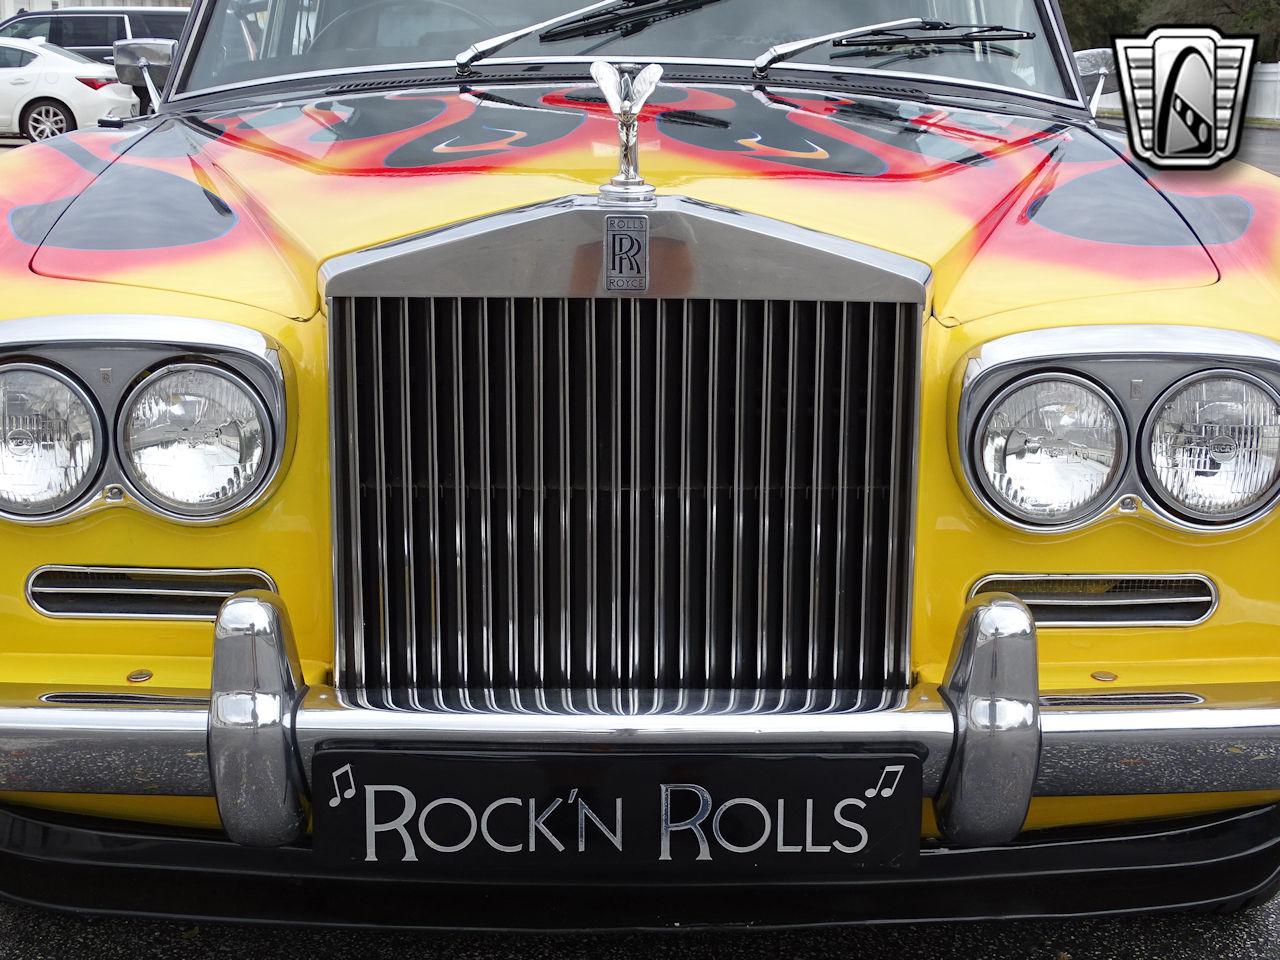 1967 Rolls Royce Silver Shadow 18